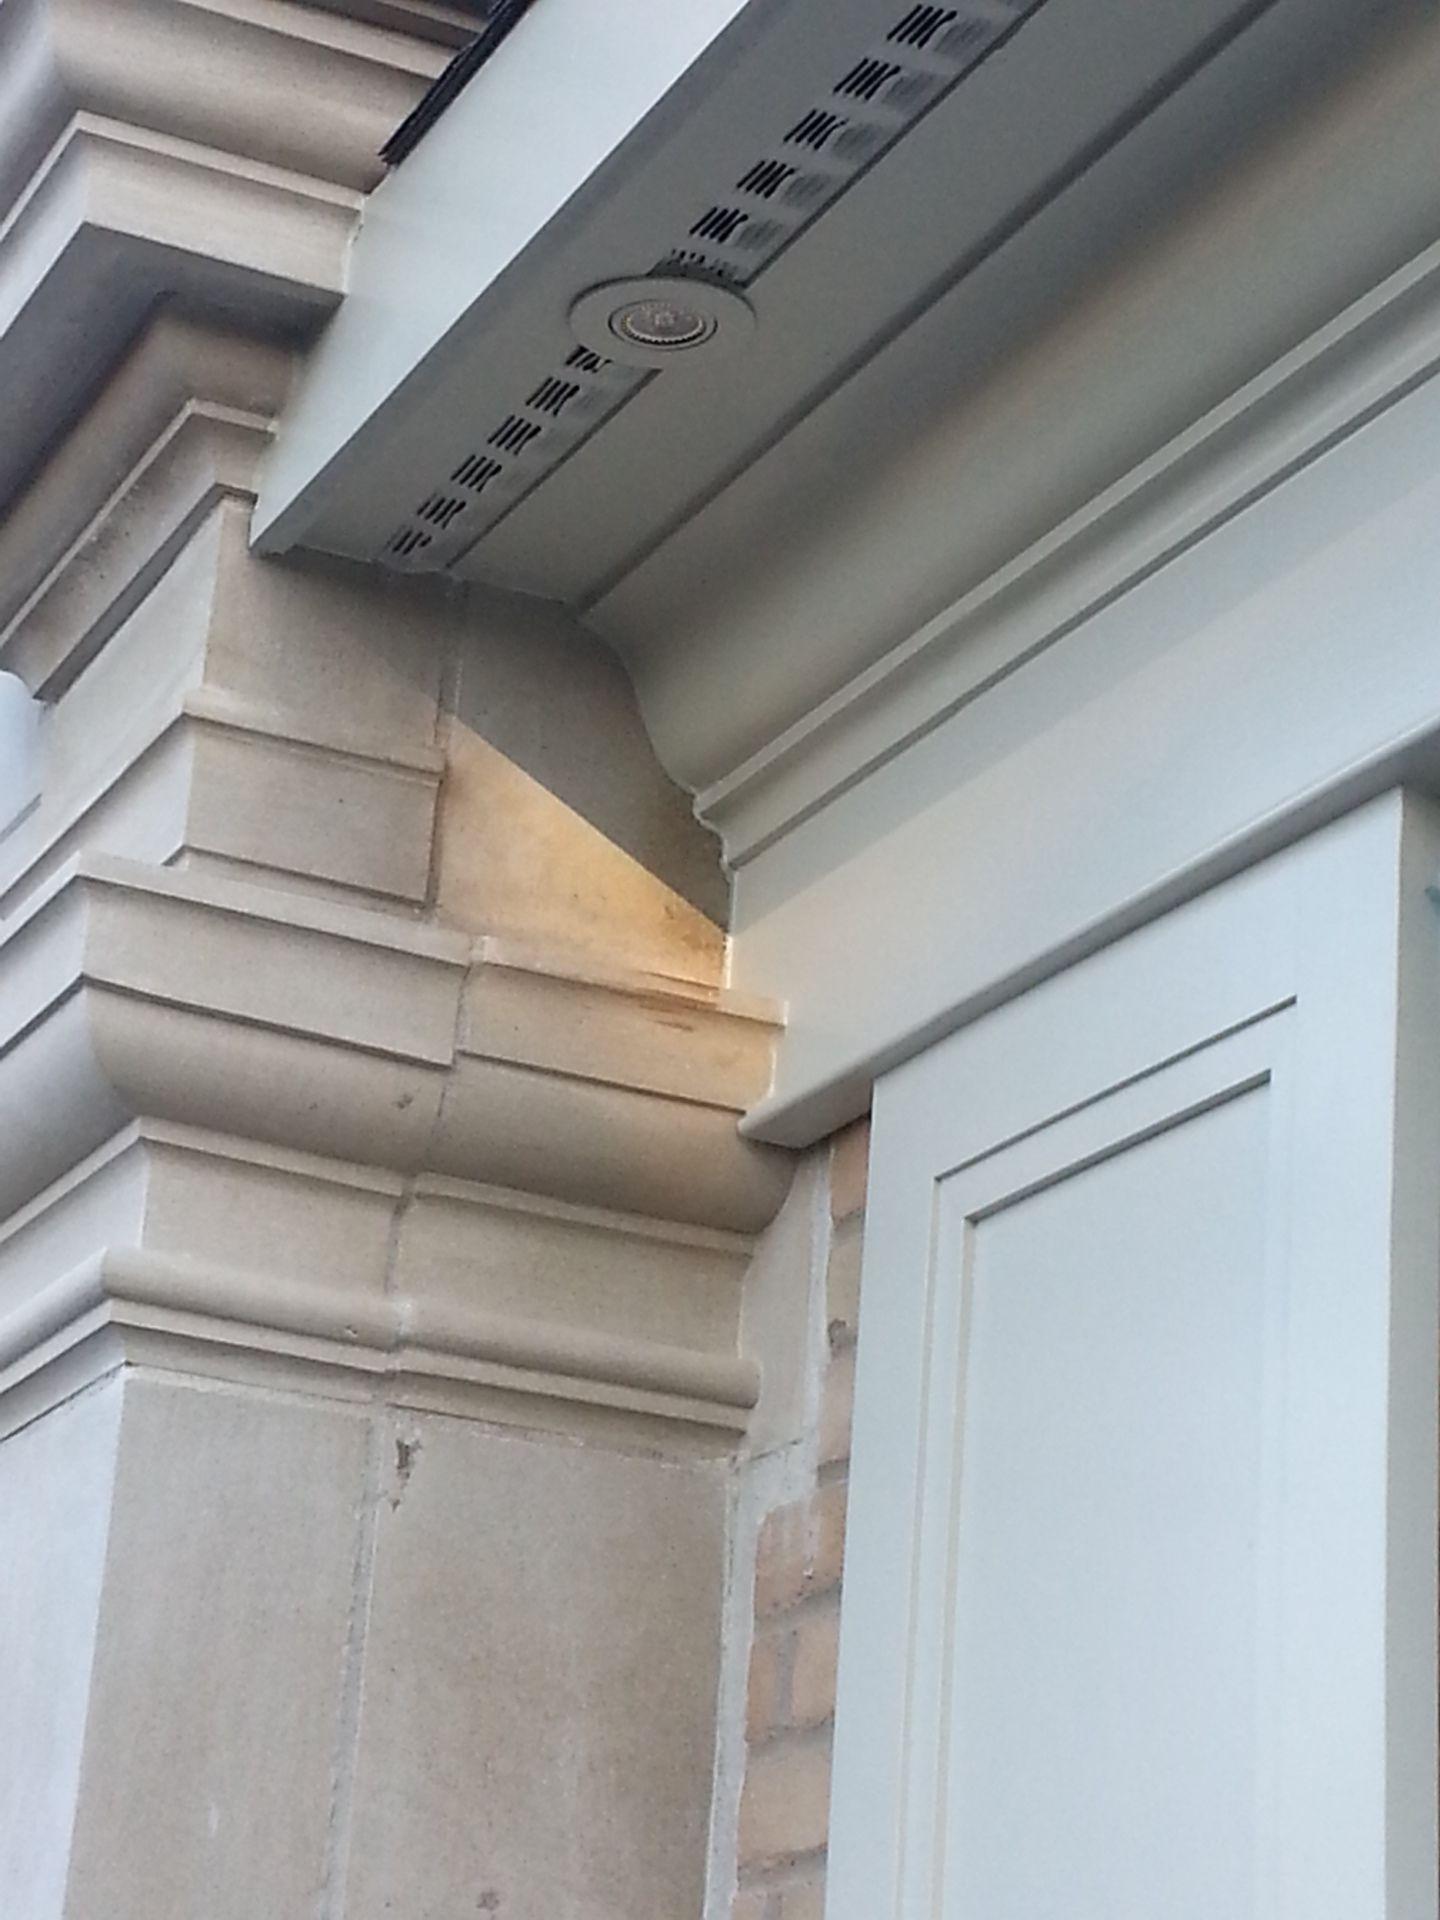 Remin exterior materials - Pictures Of Exterior Trim Work